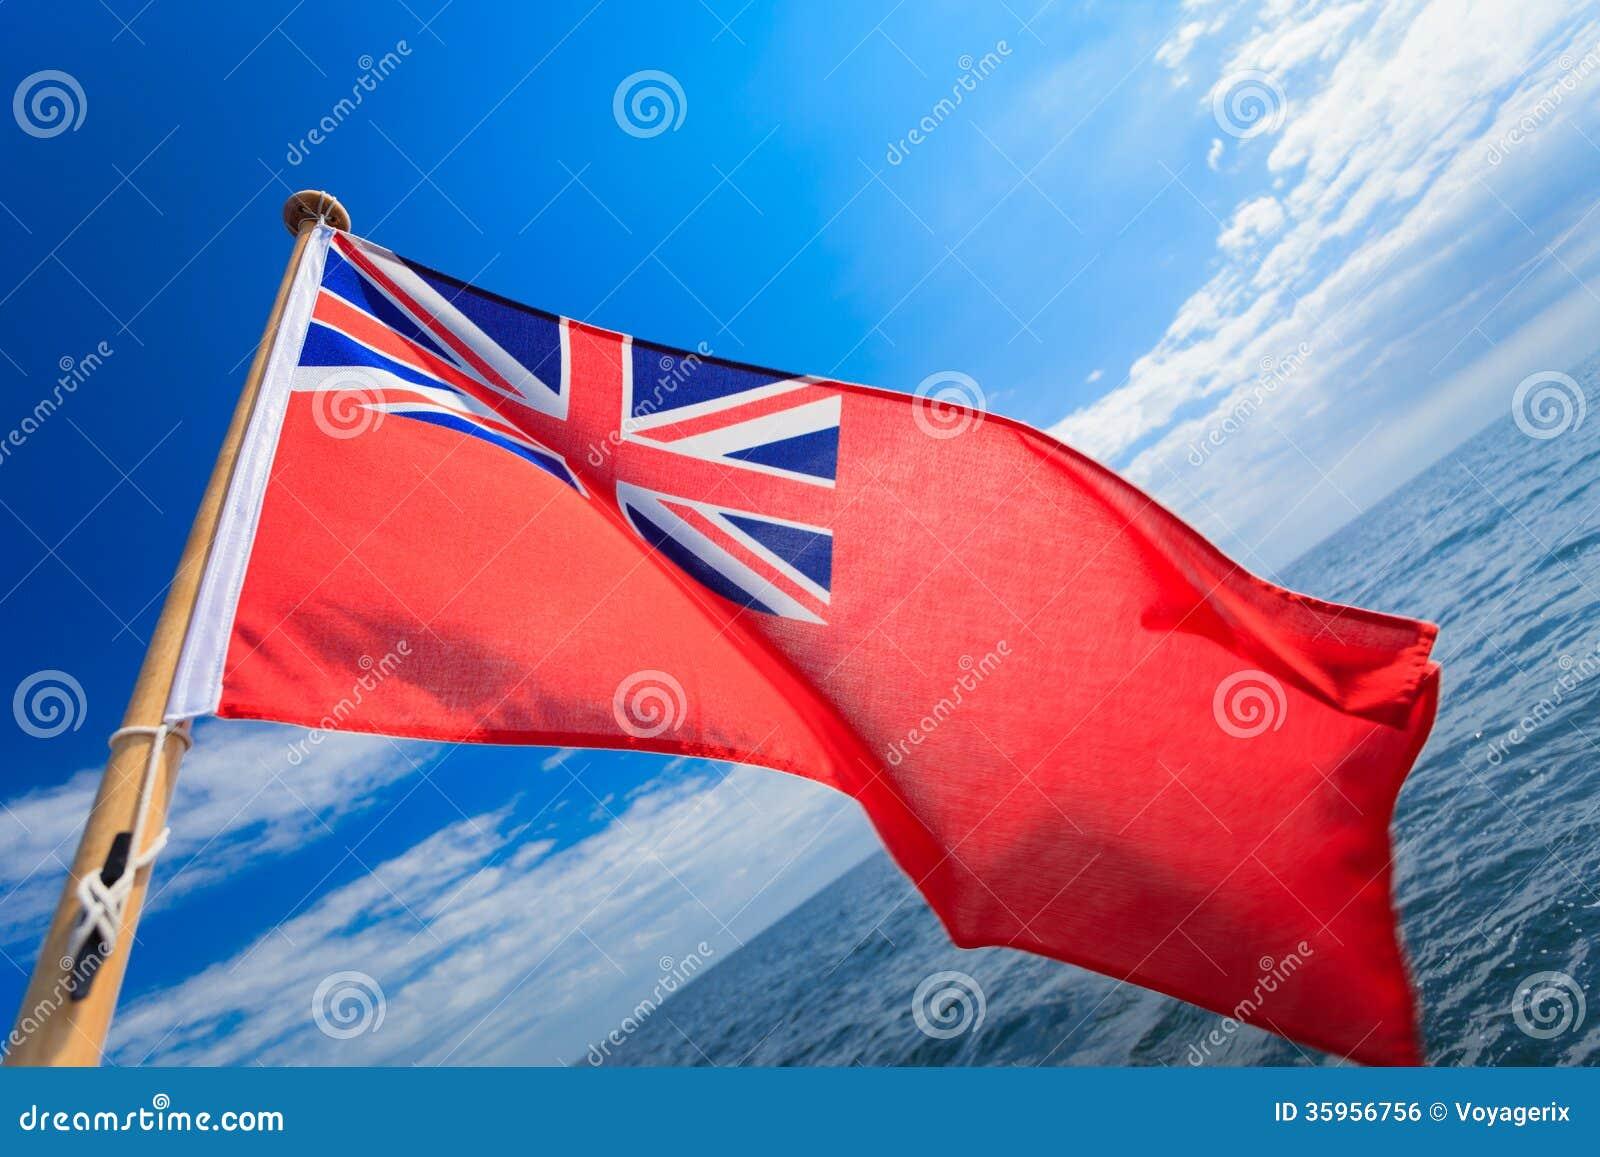 Bandera marítima británica de la bandera BRITÁNICA del mar del cielo azul del velero del yate. Navegación.